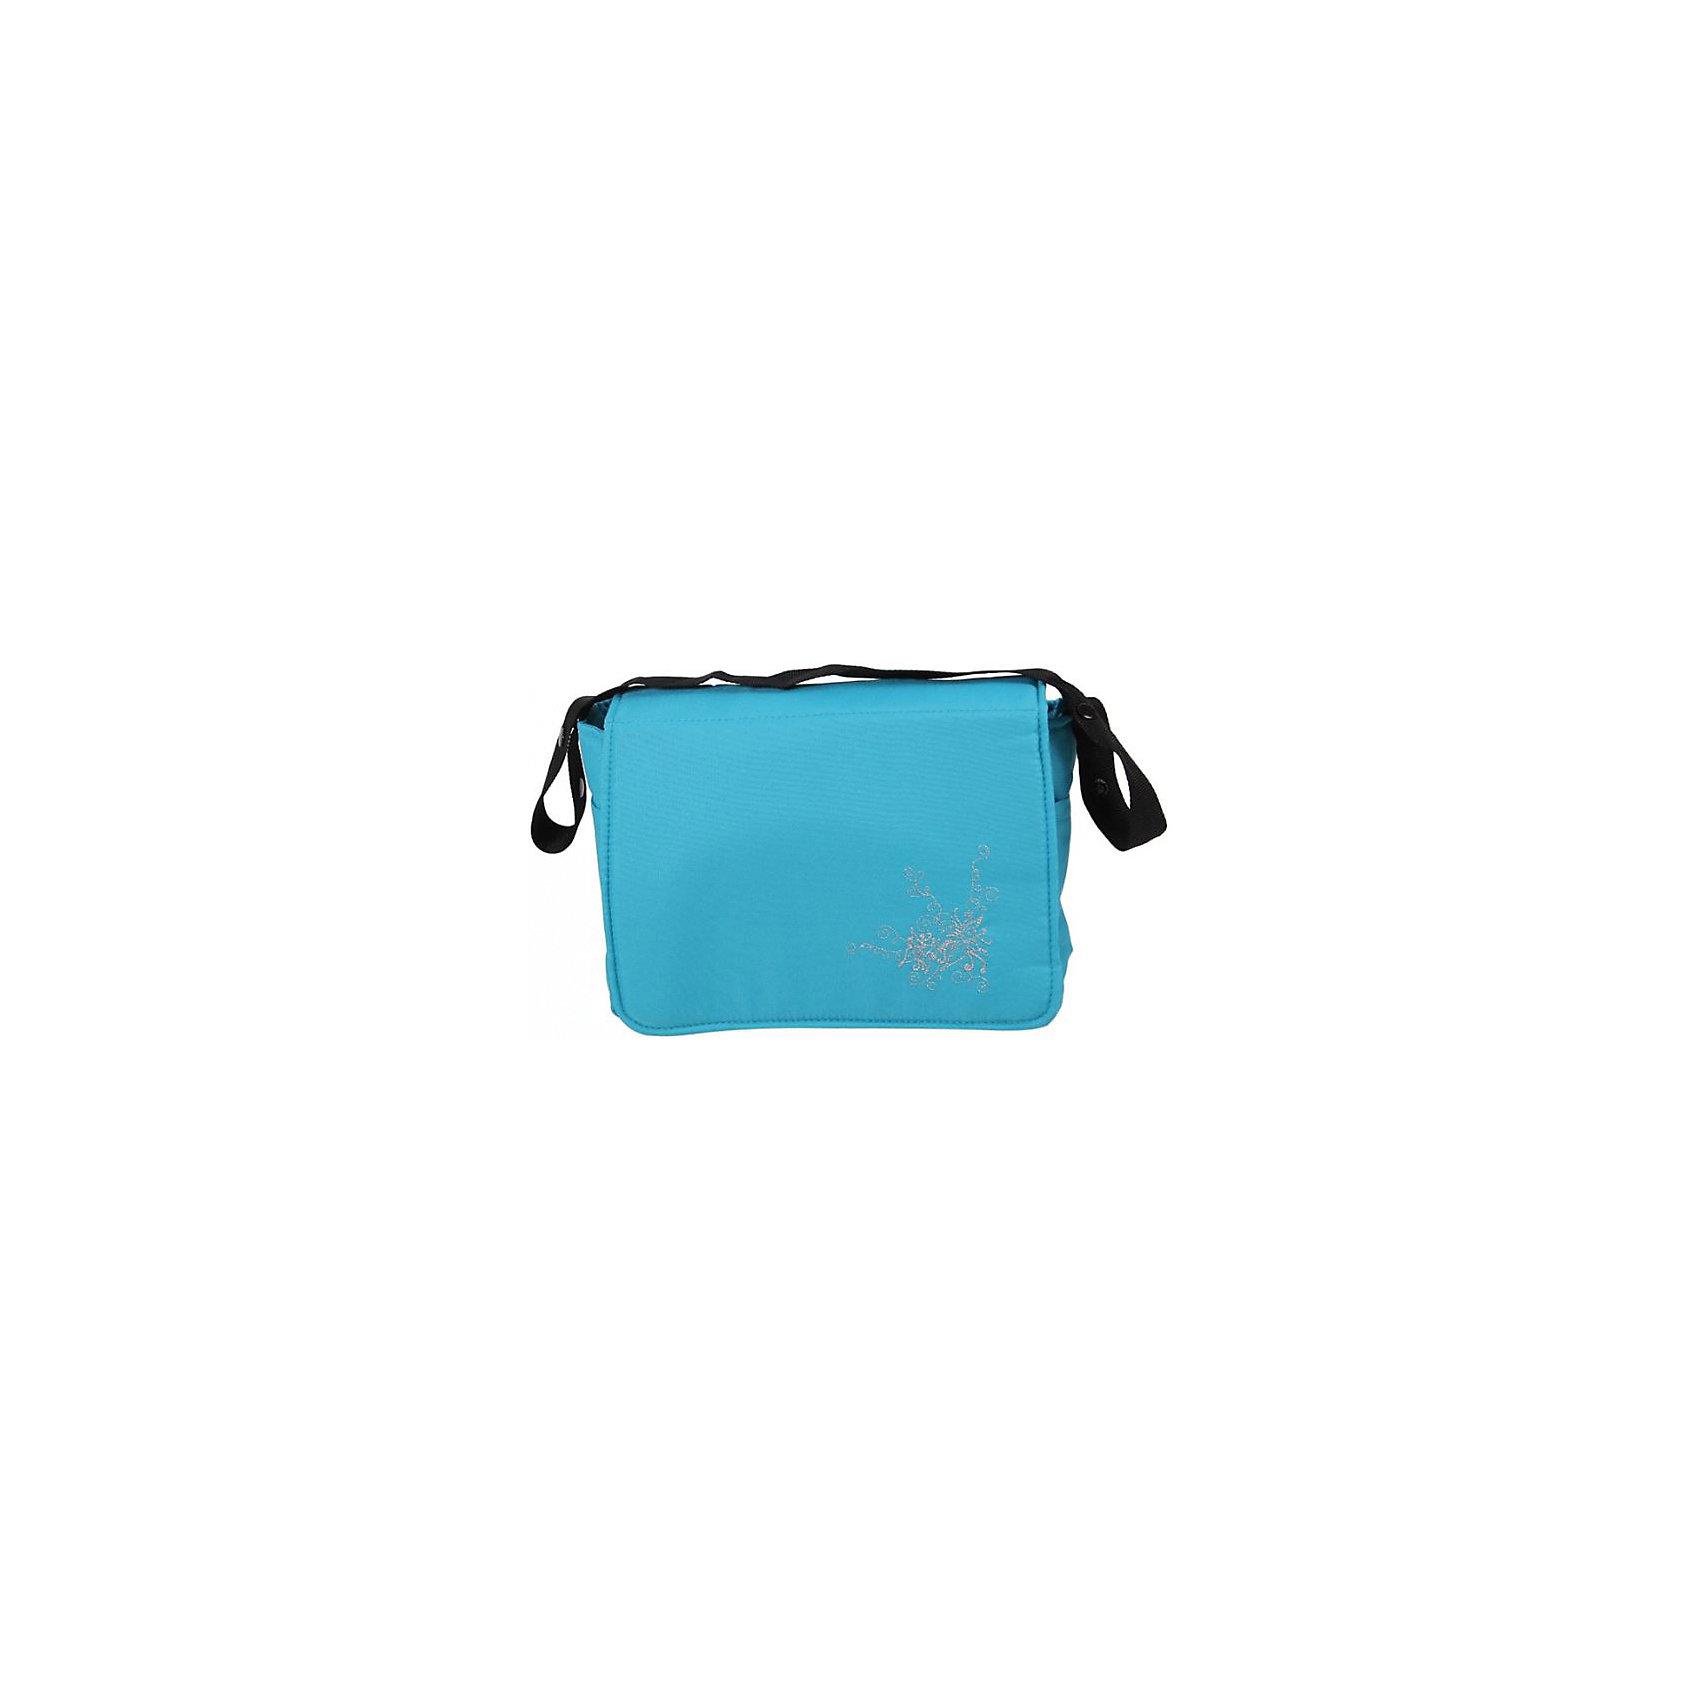 Сумка для мамы с матрасиком АЛИСА, Лео, бирюзовыйУдобная качественная сумка создана специально для мам. Она позволяет с удобством разместить все необходимые малышу вещи. На сумке - удобный широкий ремень для переноски. Она крепится на коляску с помощью кнопок. В комплекте - матрасик для ухода за ребенком.<br>Сумка сшита из непромокаемого материала. Модель  - очень удобная и прочная. Изделие произведено из качественных и безопасных для малышей материалов, оно соответствуют всем современным требованиям безопасности.<br> <br>Дополнительная информация:<br><br>цвет: бирюзовый;<br>материал: текстиль;<br>оснащена ремнем для переноски;<br>в комплекте - матрасик;<br>материал непромокаемый;<br>к коляске крепится кнопками;<br>вес: 0.35 кг.<br><br>Сумку для мамы Алиса, бирюзовый, от компании Лео можно купить в нашем магазине.<br><br>Ширина мм: 350<br>Глубина мм: 280<br>Высота мм: 120<br>Вес г: 350<br>Возраст от месяцев: 0<br>Возраст до месяцев: 36<br>Пол: Унисекс<br>Возраст: Детский<br>SKU: 4720083